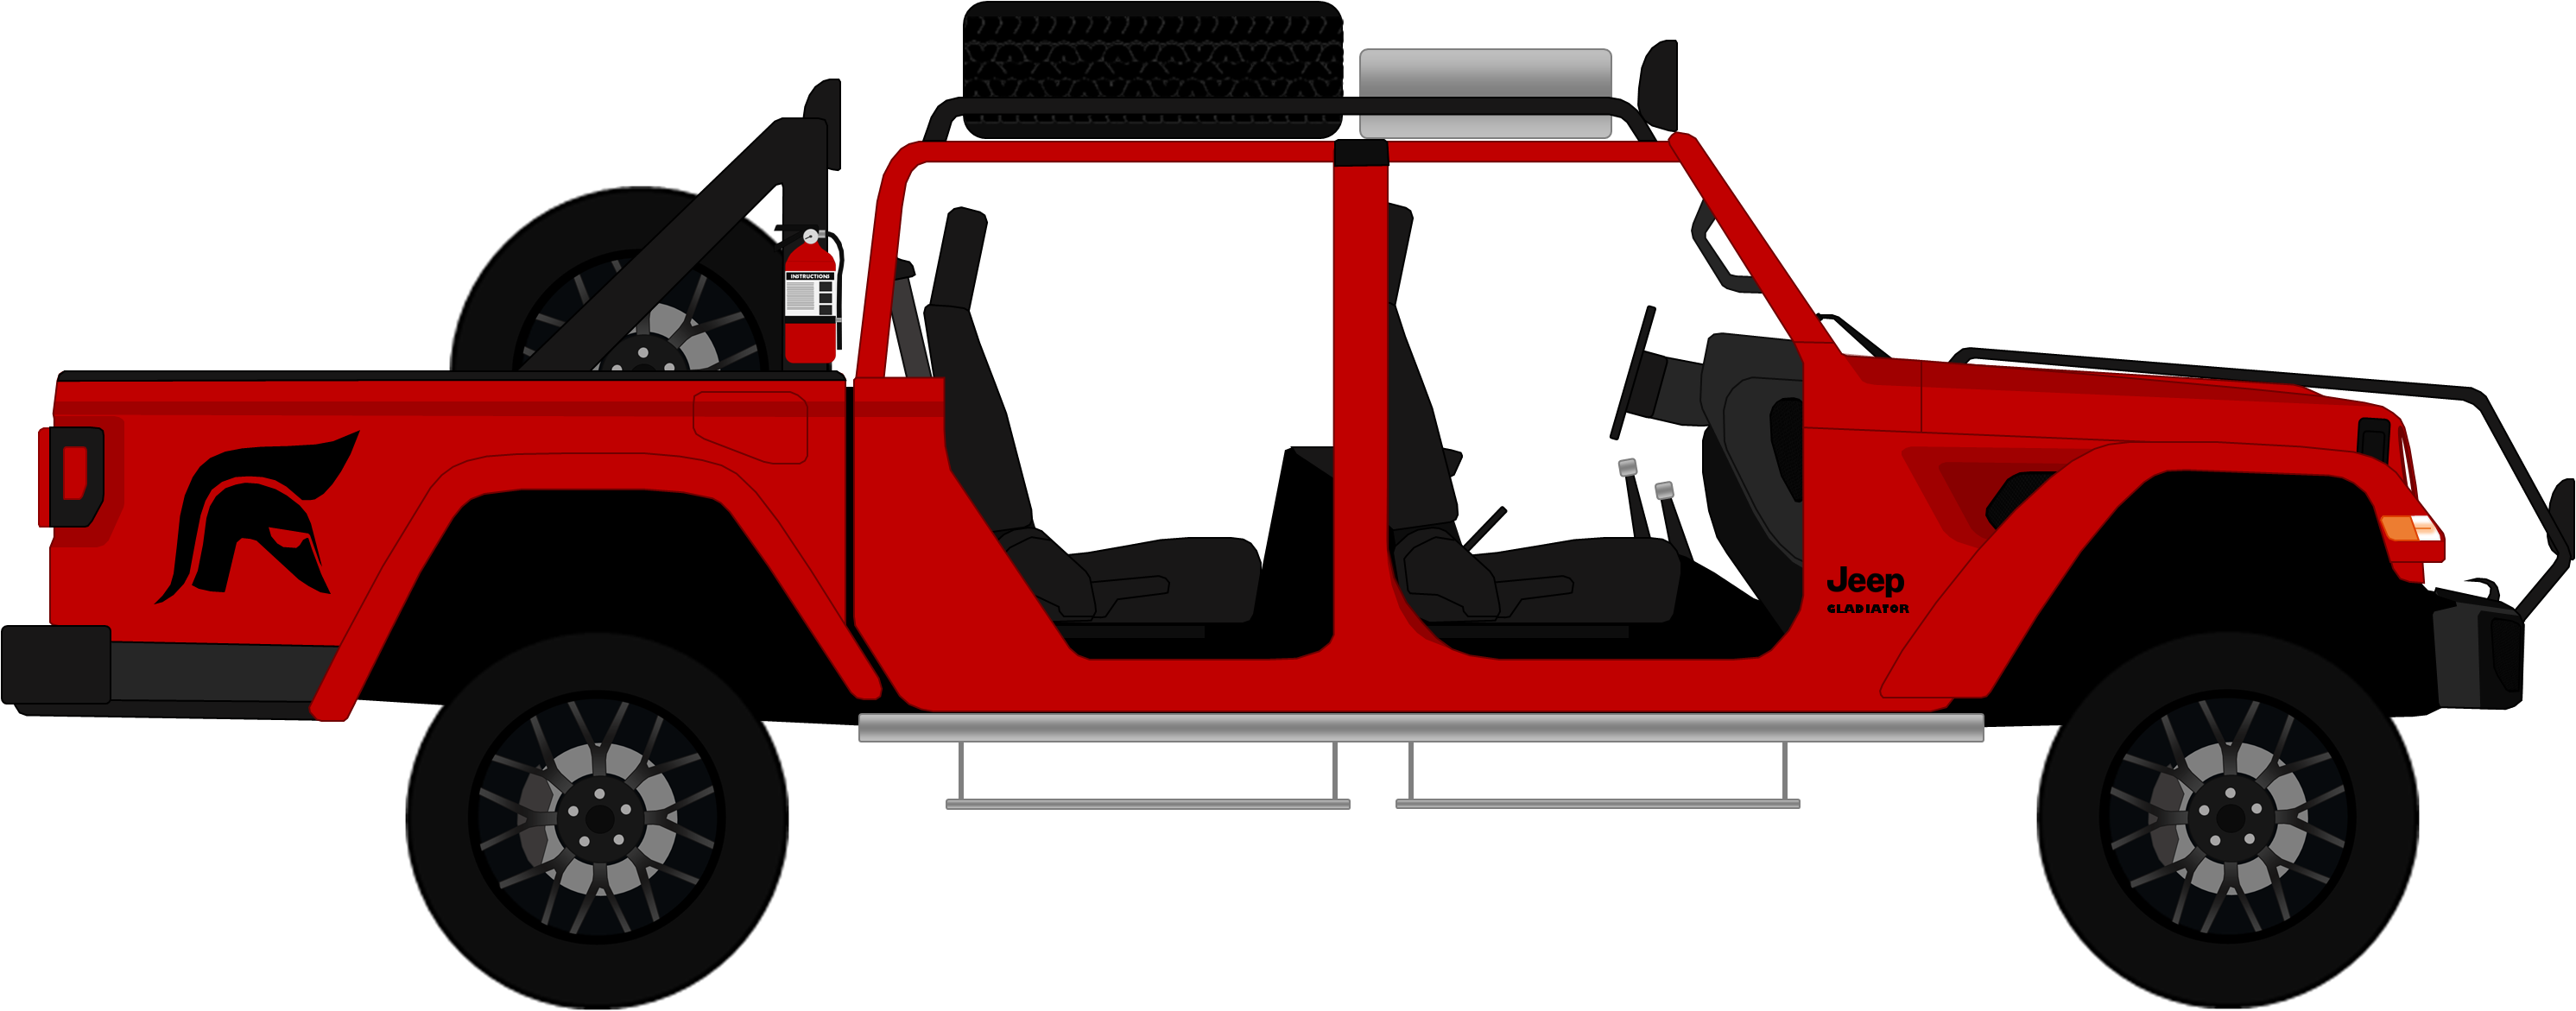 Jeep Gladiator Custom